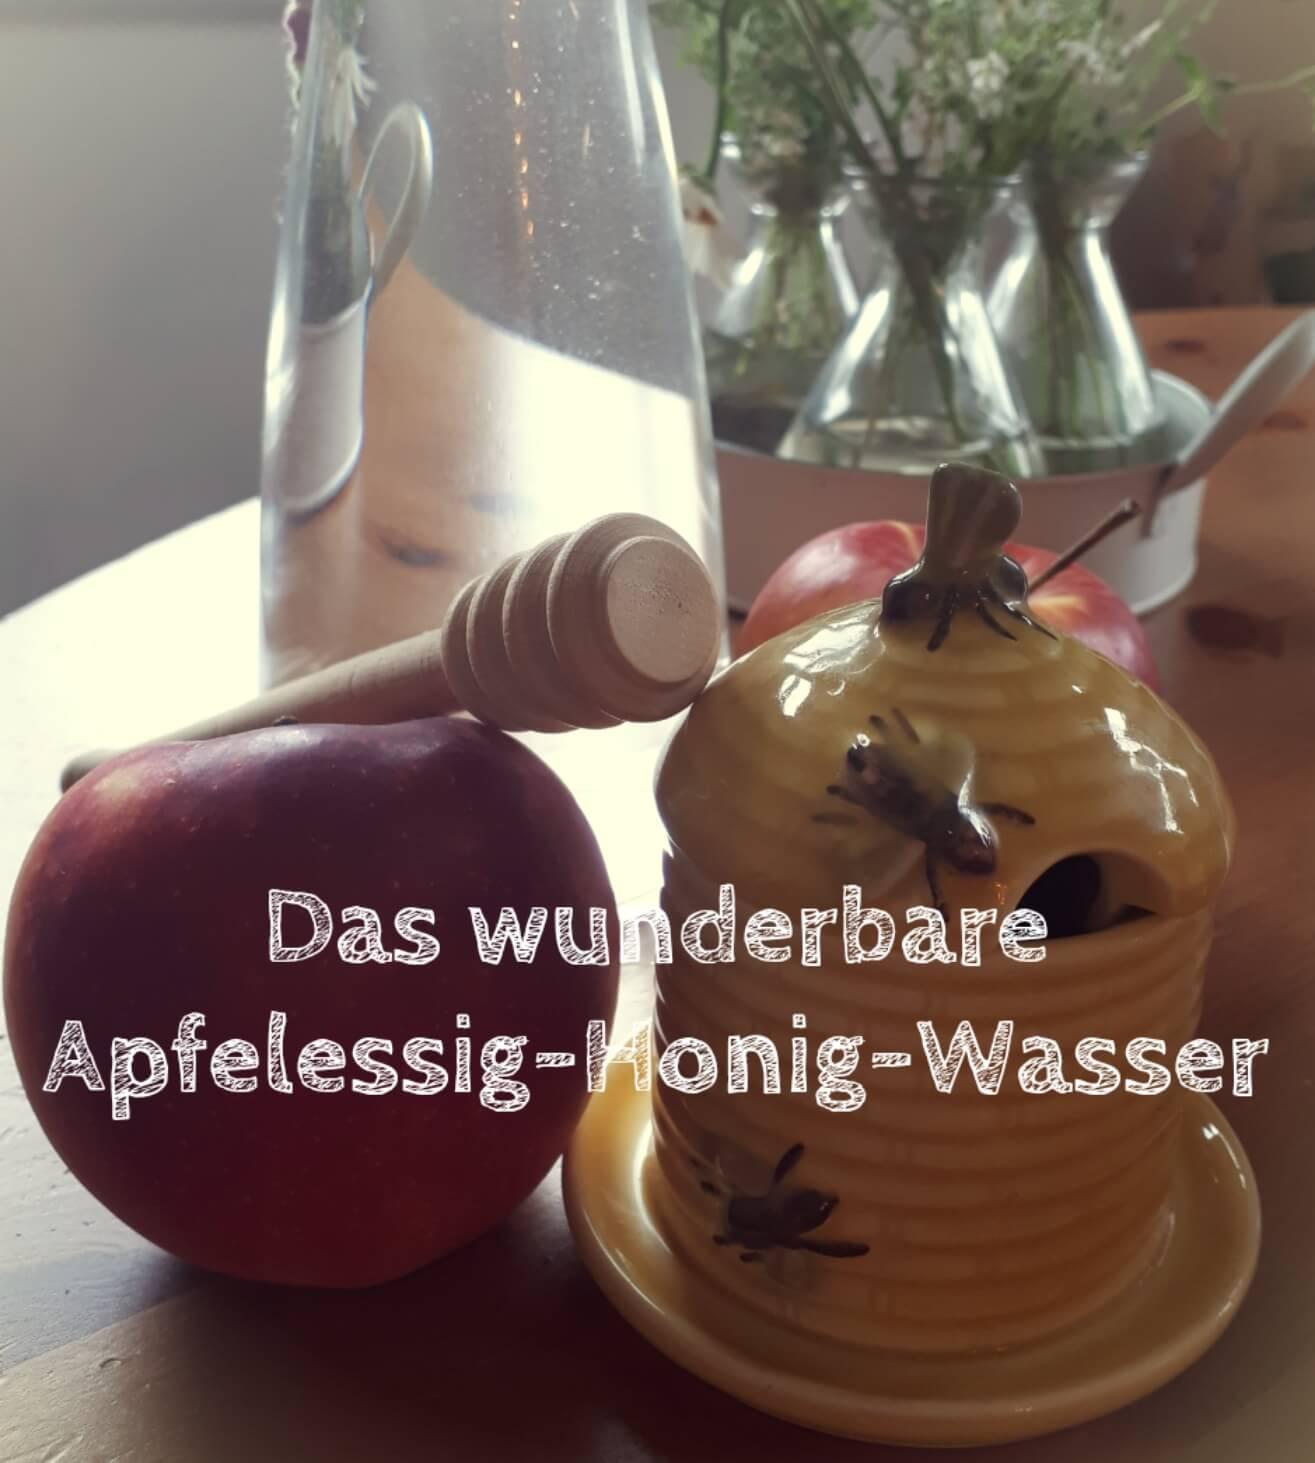 Das wunderbare Apfelessig-Honig-Wasser